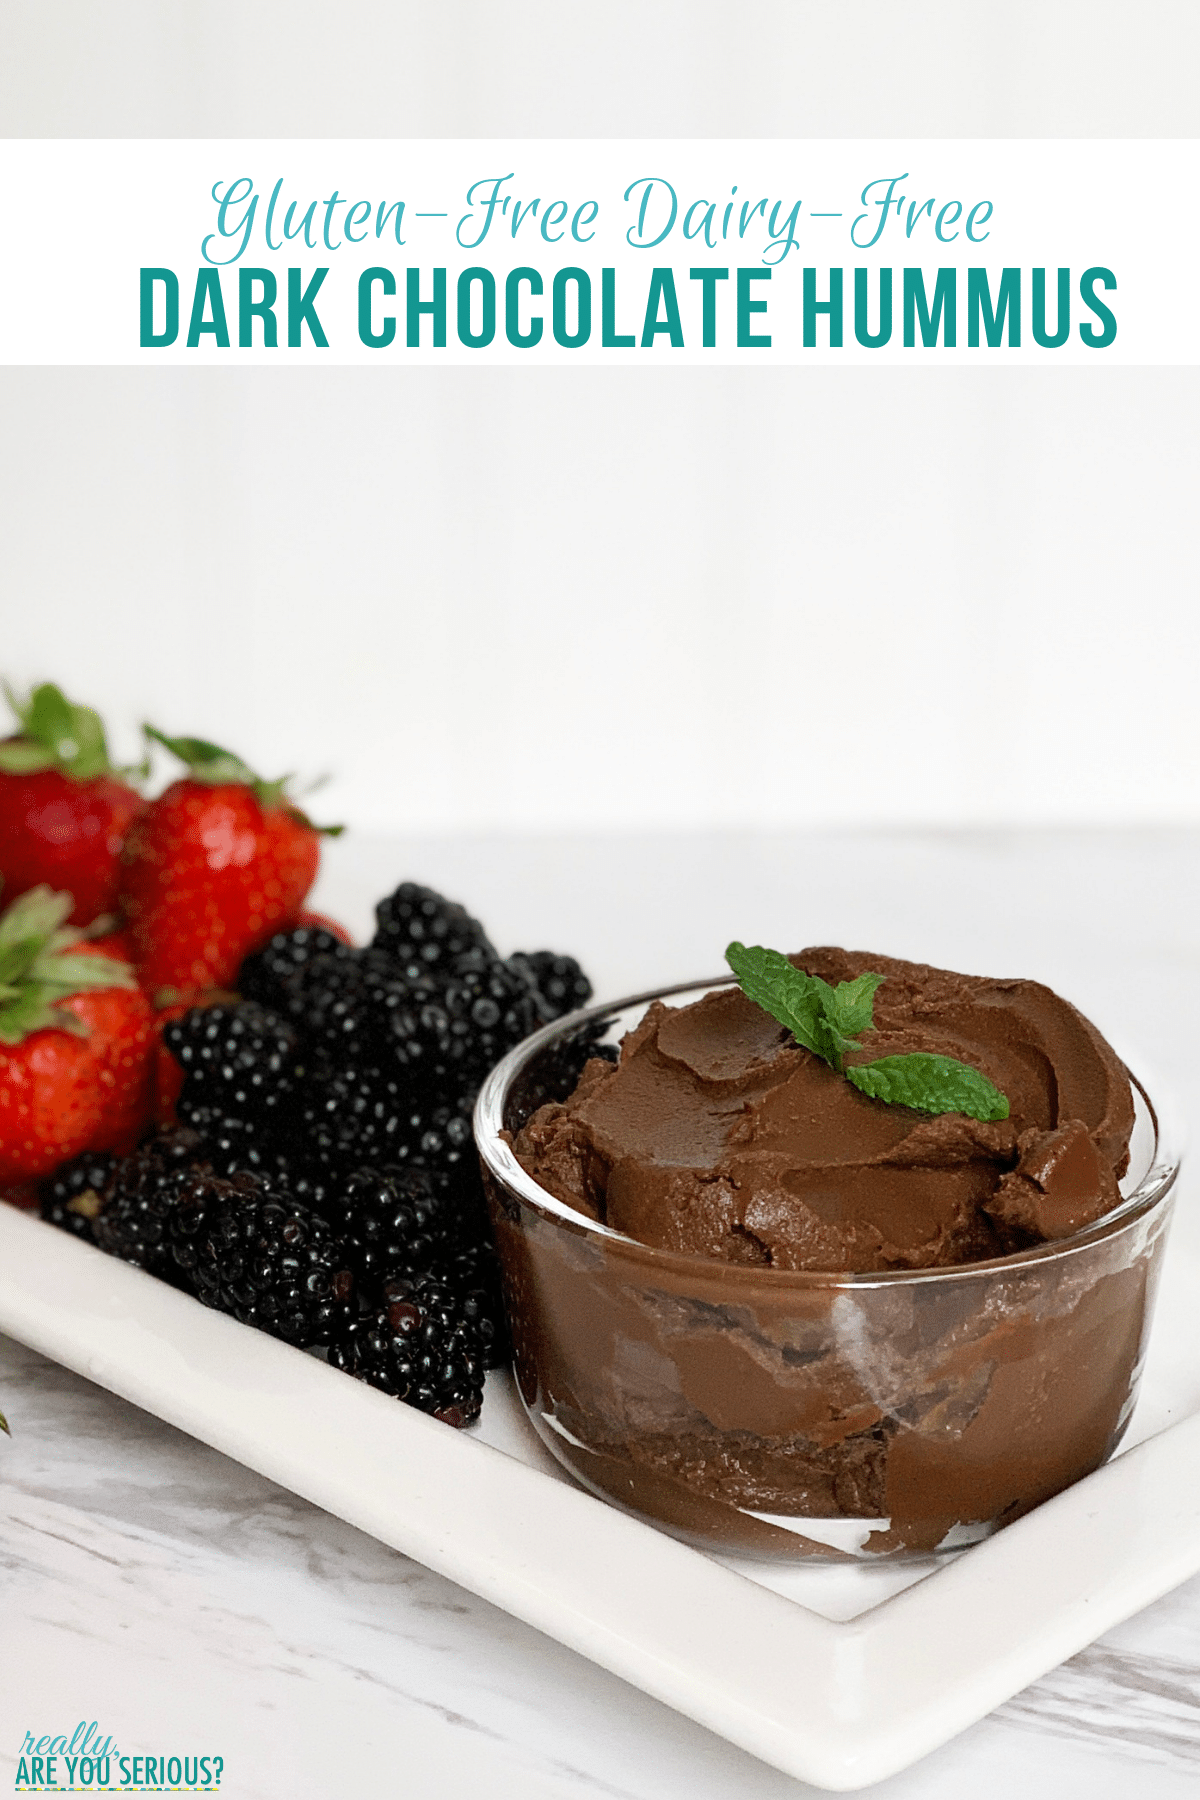 Gluten Free Dairy Free Dark Chocolate Dessert Hummus